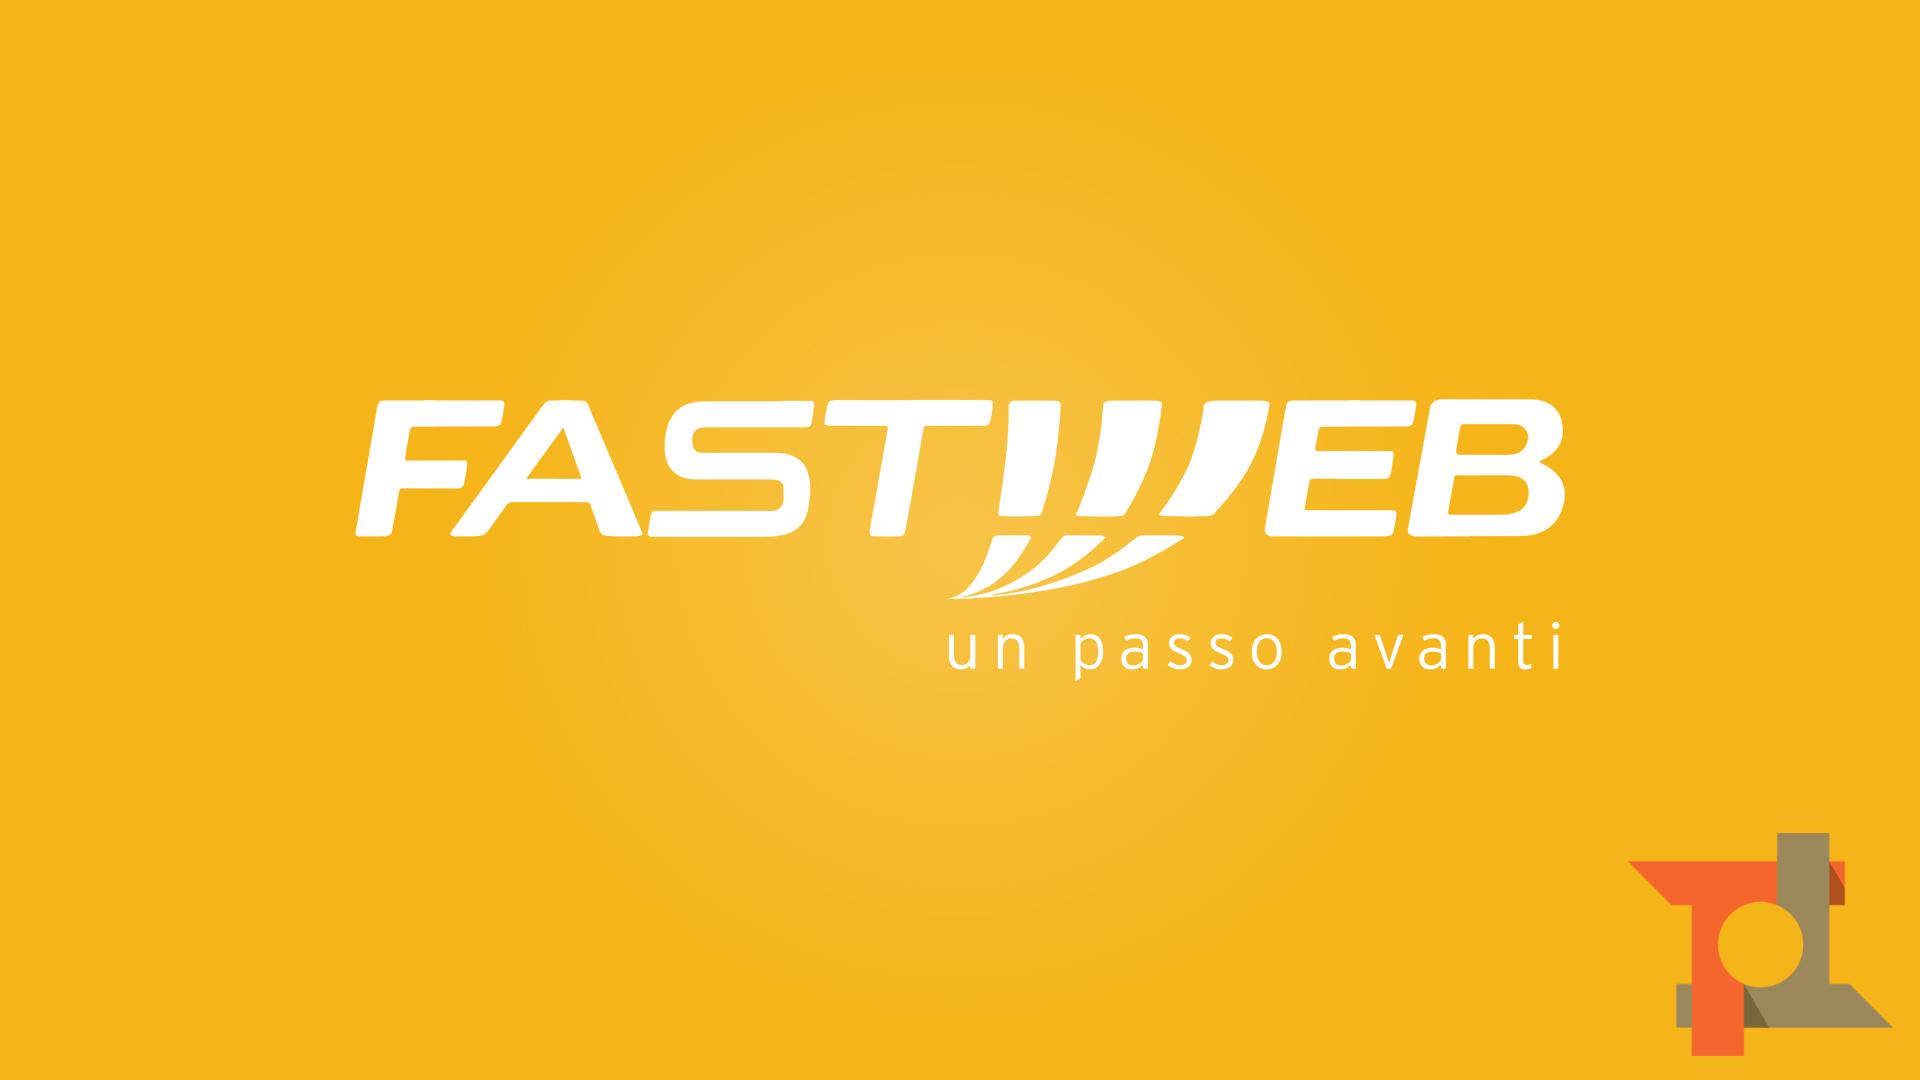 Il programma Fastweb LiveFast pensa agli sportivi nel mese d